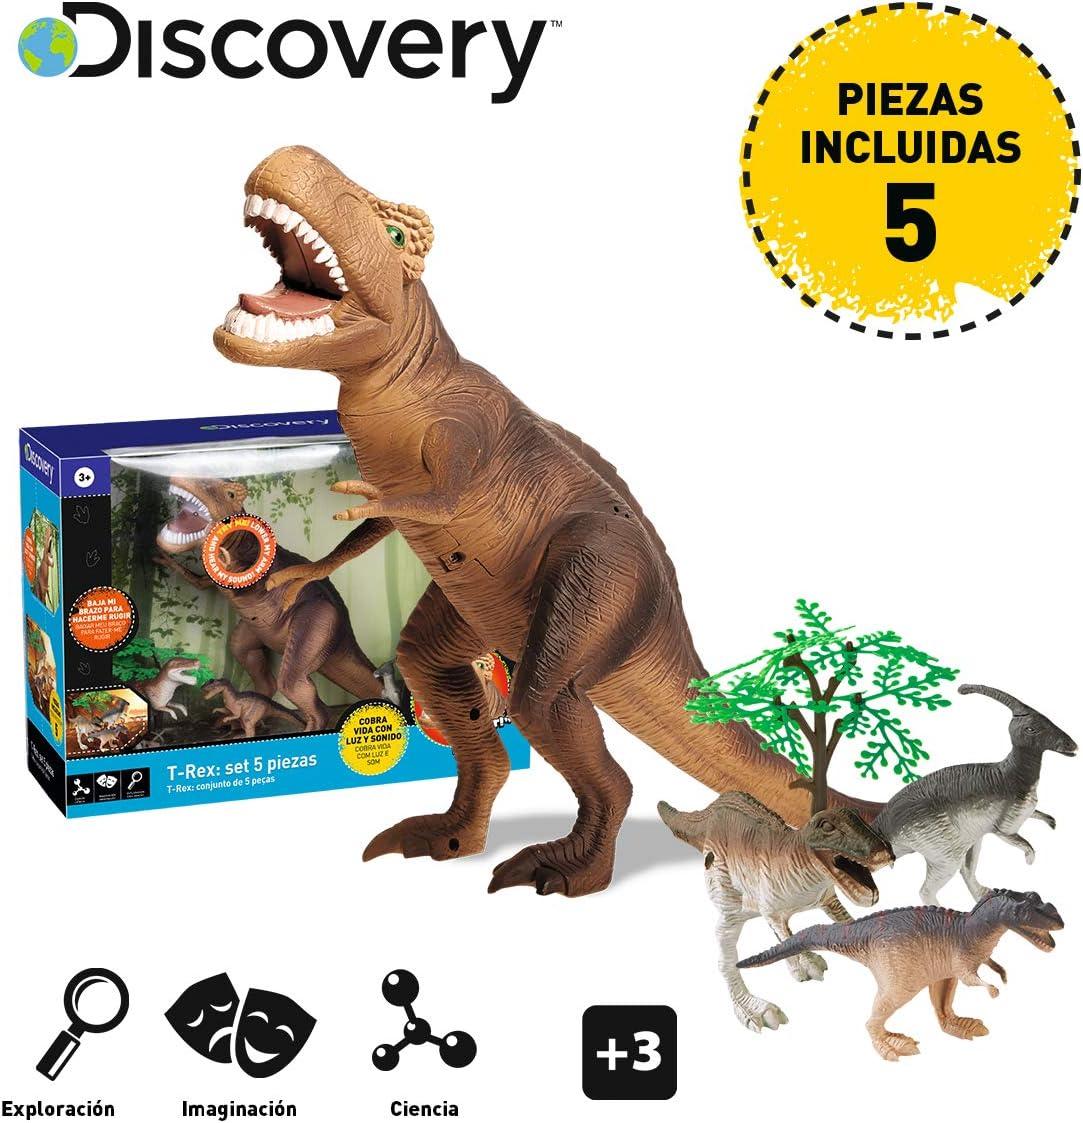 Discovery-T Set de 5 Piezas, Juego niños, Animales plastico, tiranosaurio, Dinosaurio Juguete, indominus Rex, Color marrón, (6000102)